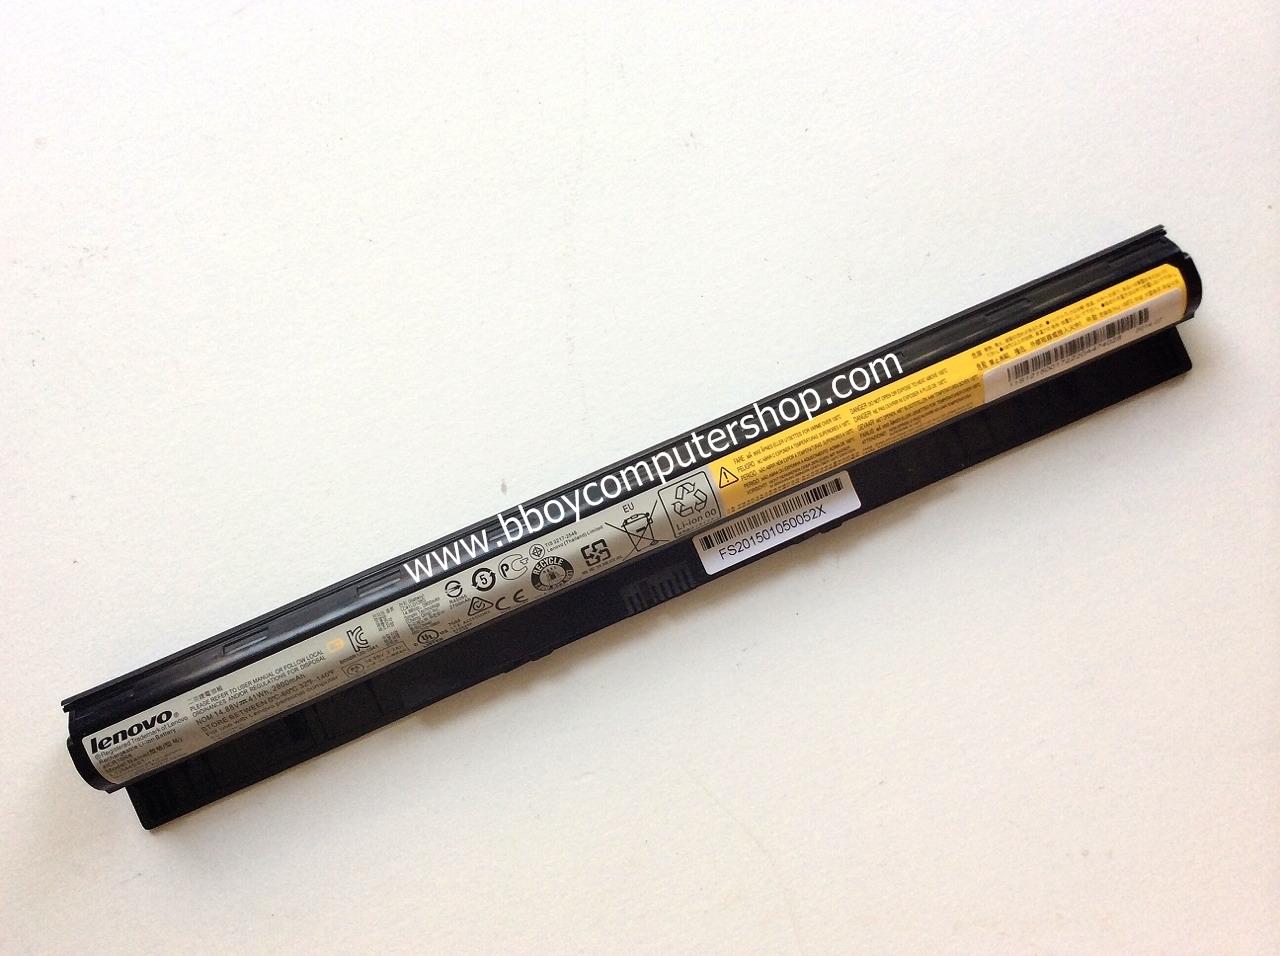 Lenovo Battery Ideapad G400s G405s G500s Daftar Harga Terlengkap Baterai Batre S410p G410s Z710p S510p G510s Oem G500 G505s